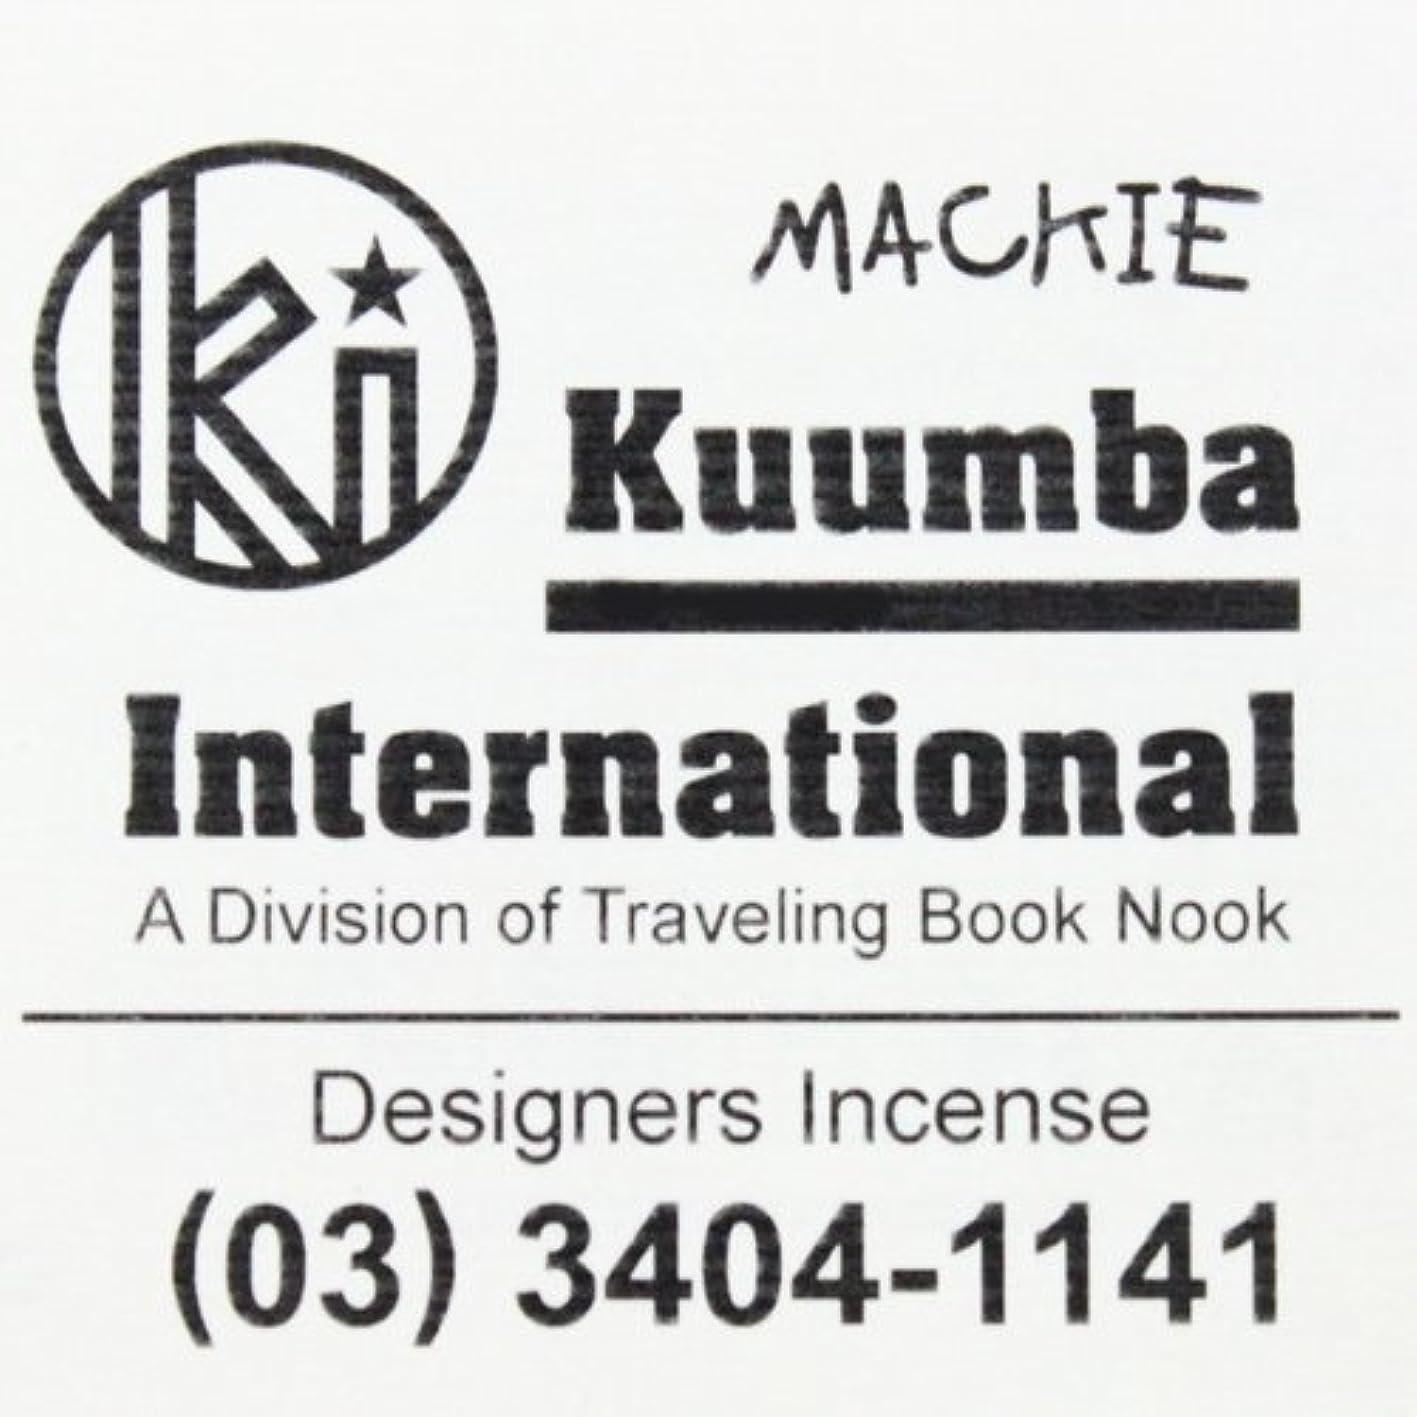 サーキットに行くテンポ裏切るKuumba(クンバ)『incense』(MACKIE) (Regular size)